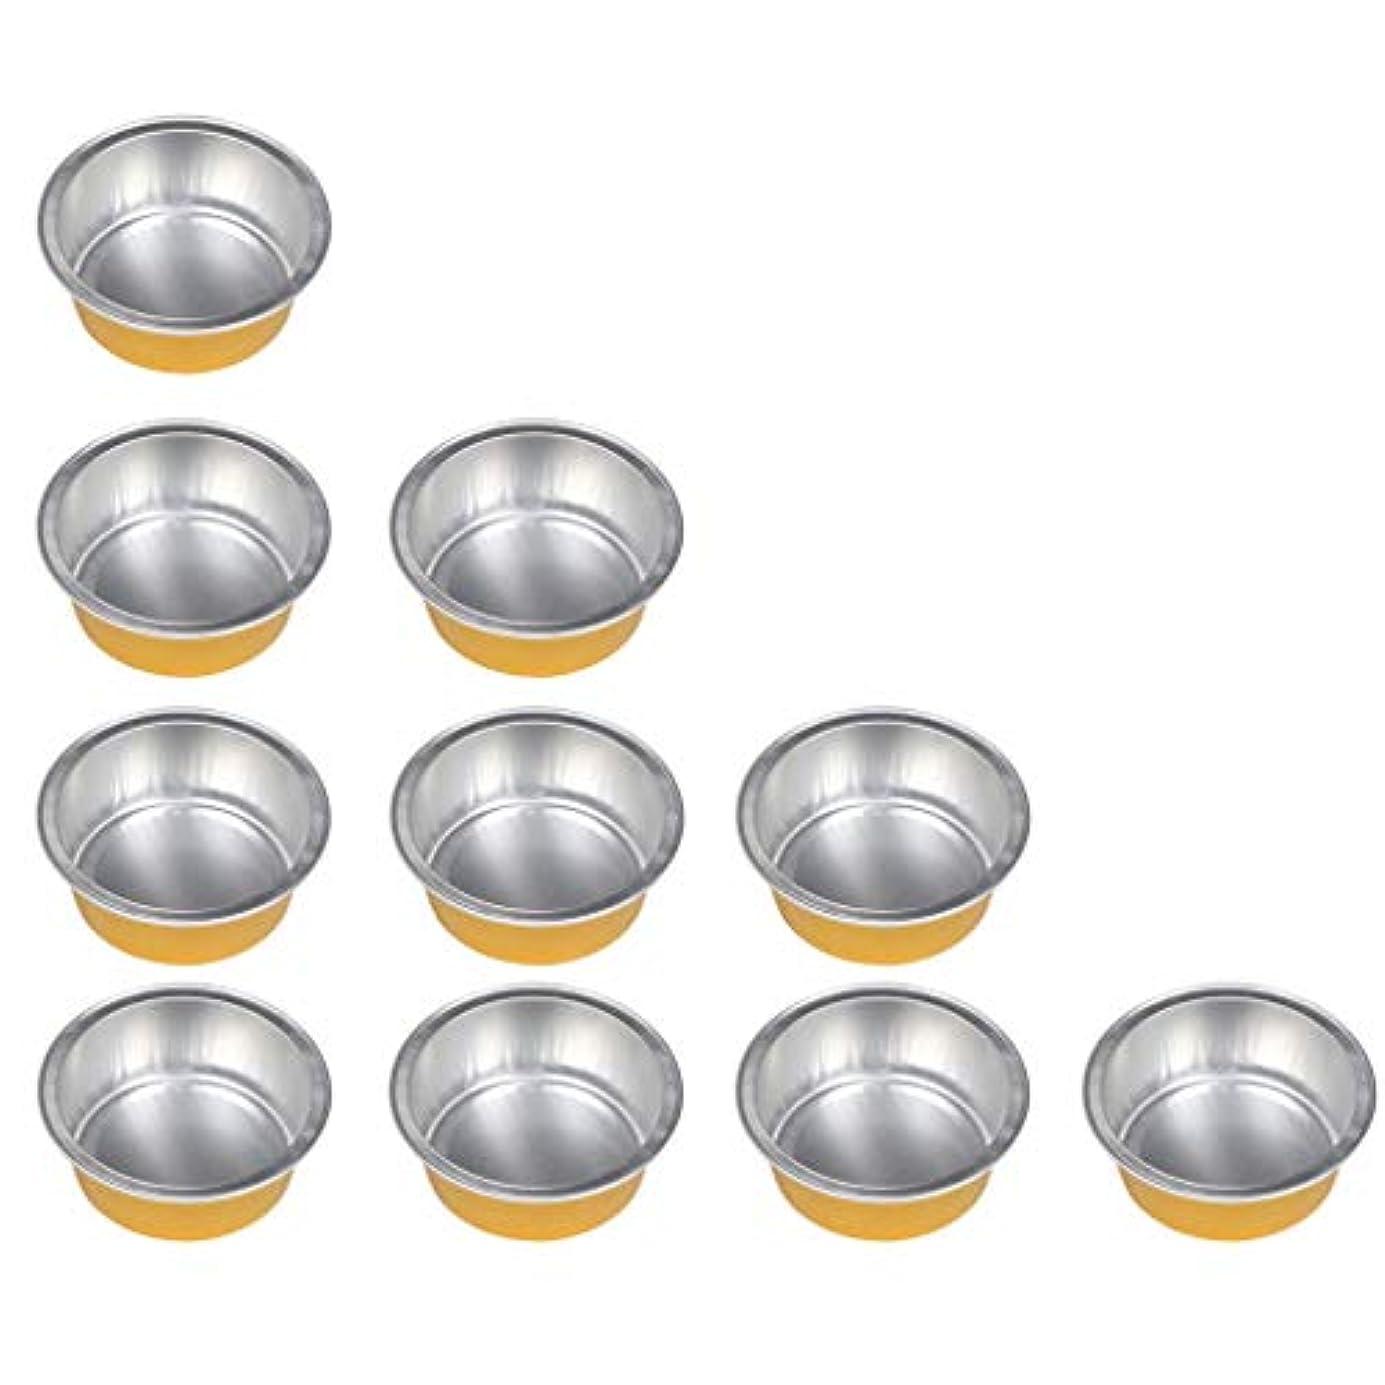 トーン水陸両用大混乱Hellery 10個セット ワックスボウル ミニボウル アルミホイルボウル ワックス豆体 溶融 衛生的 2種選ぶ - ゴールデン1